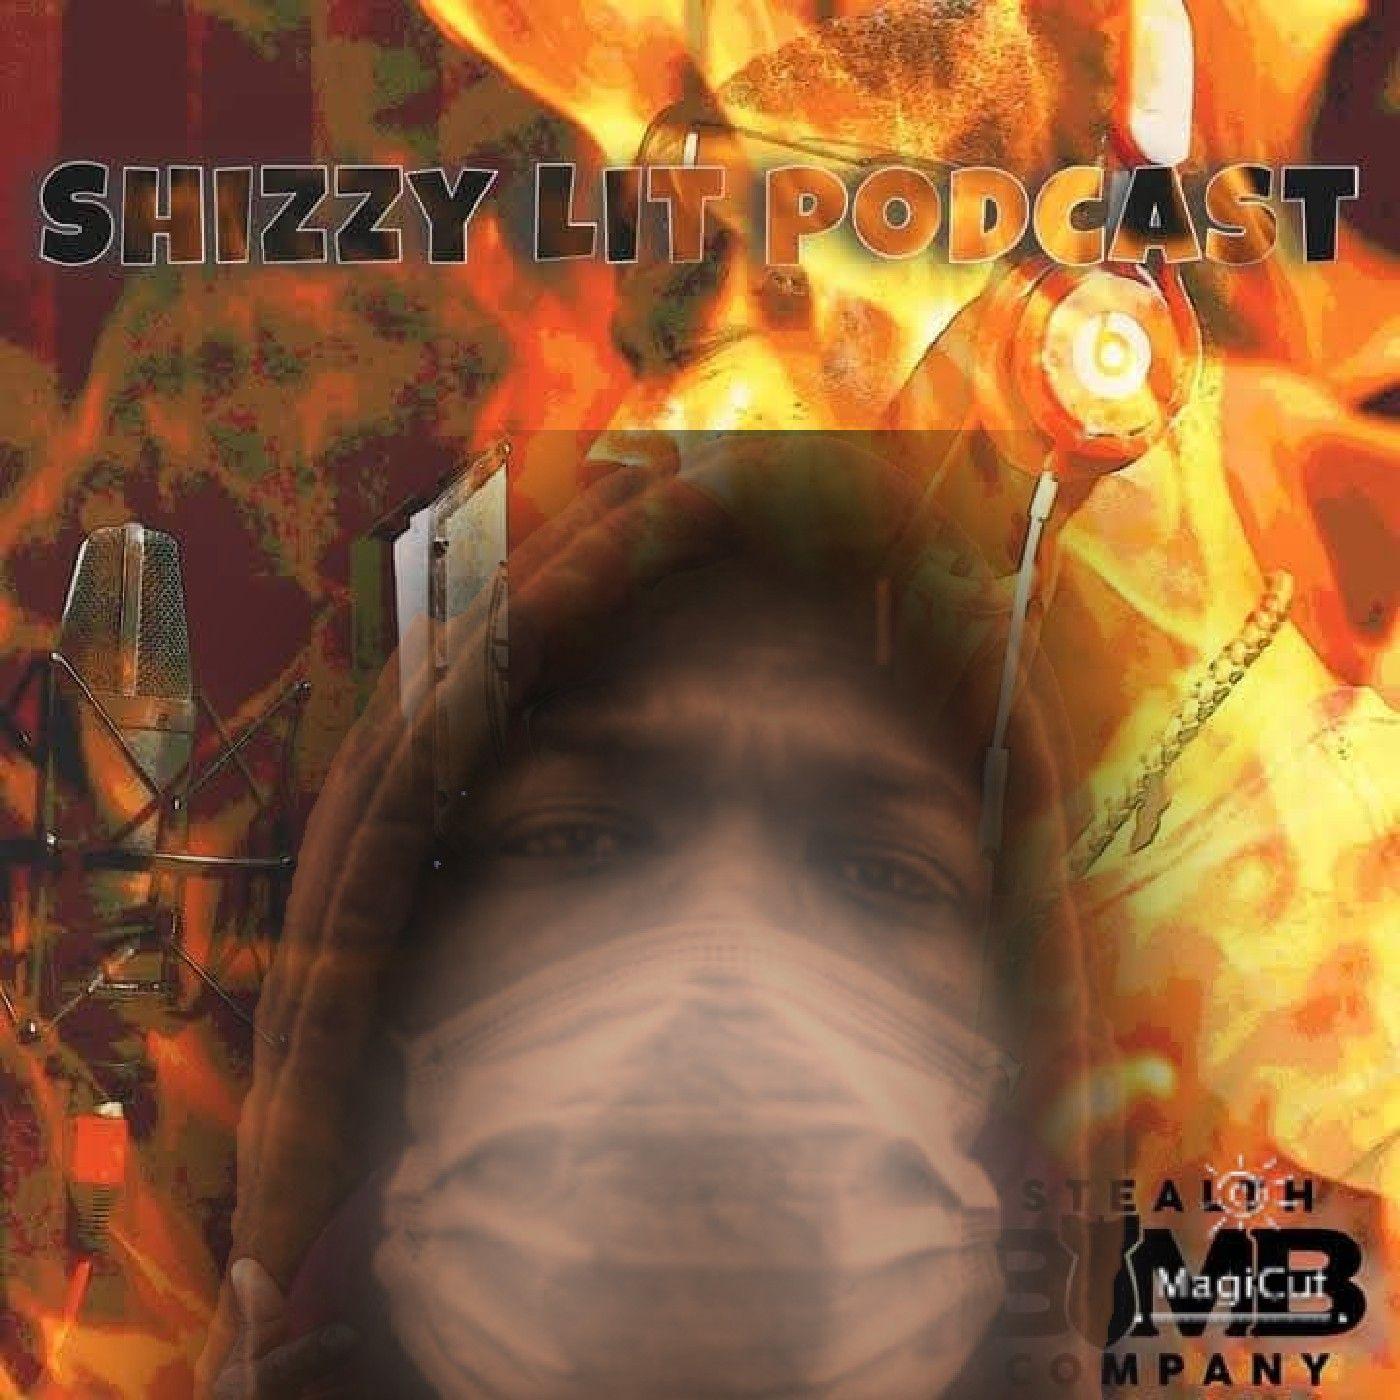 Shizzy's Lit Podcast